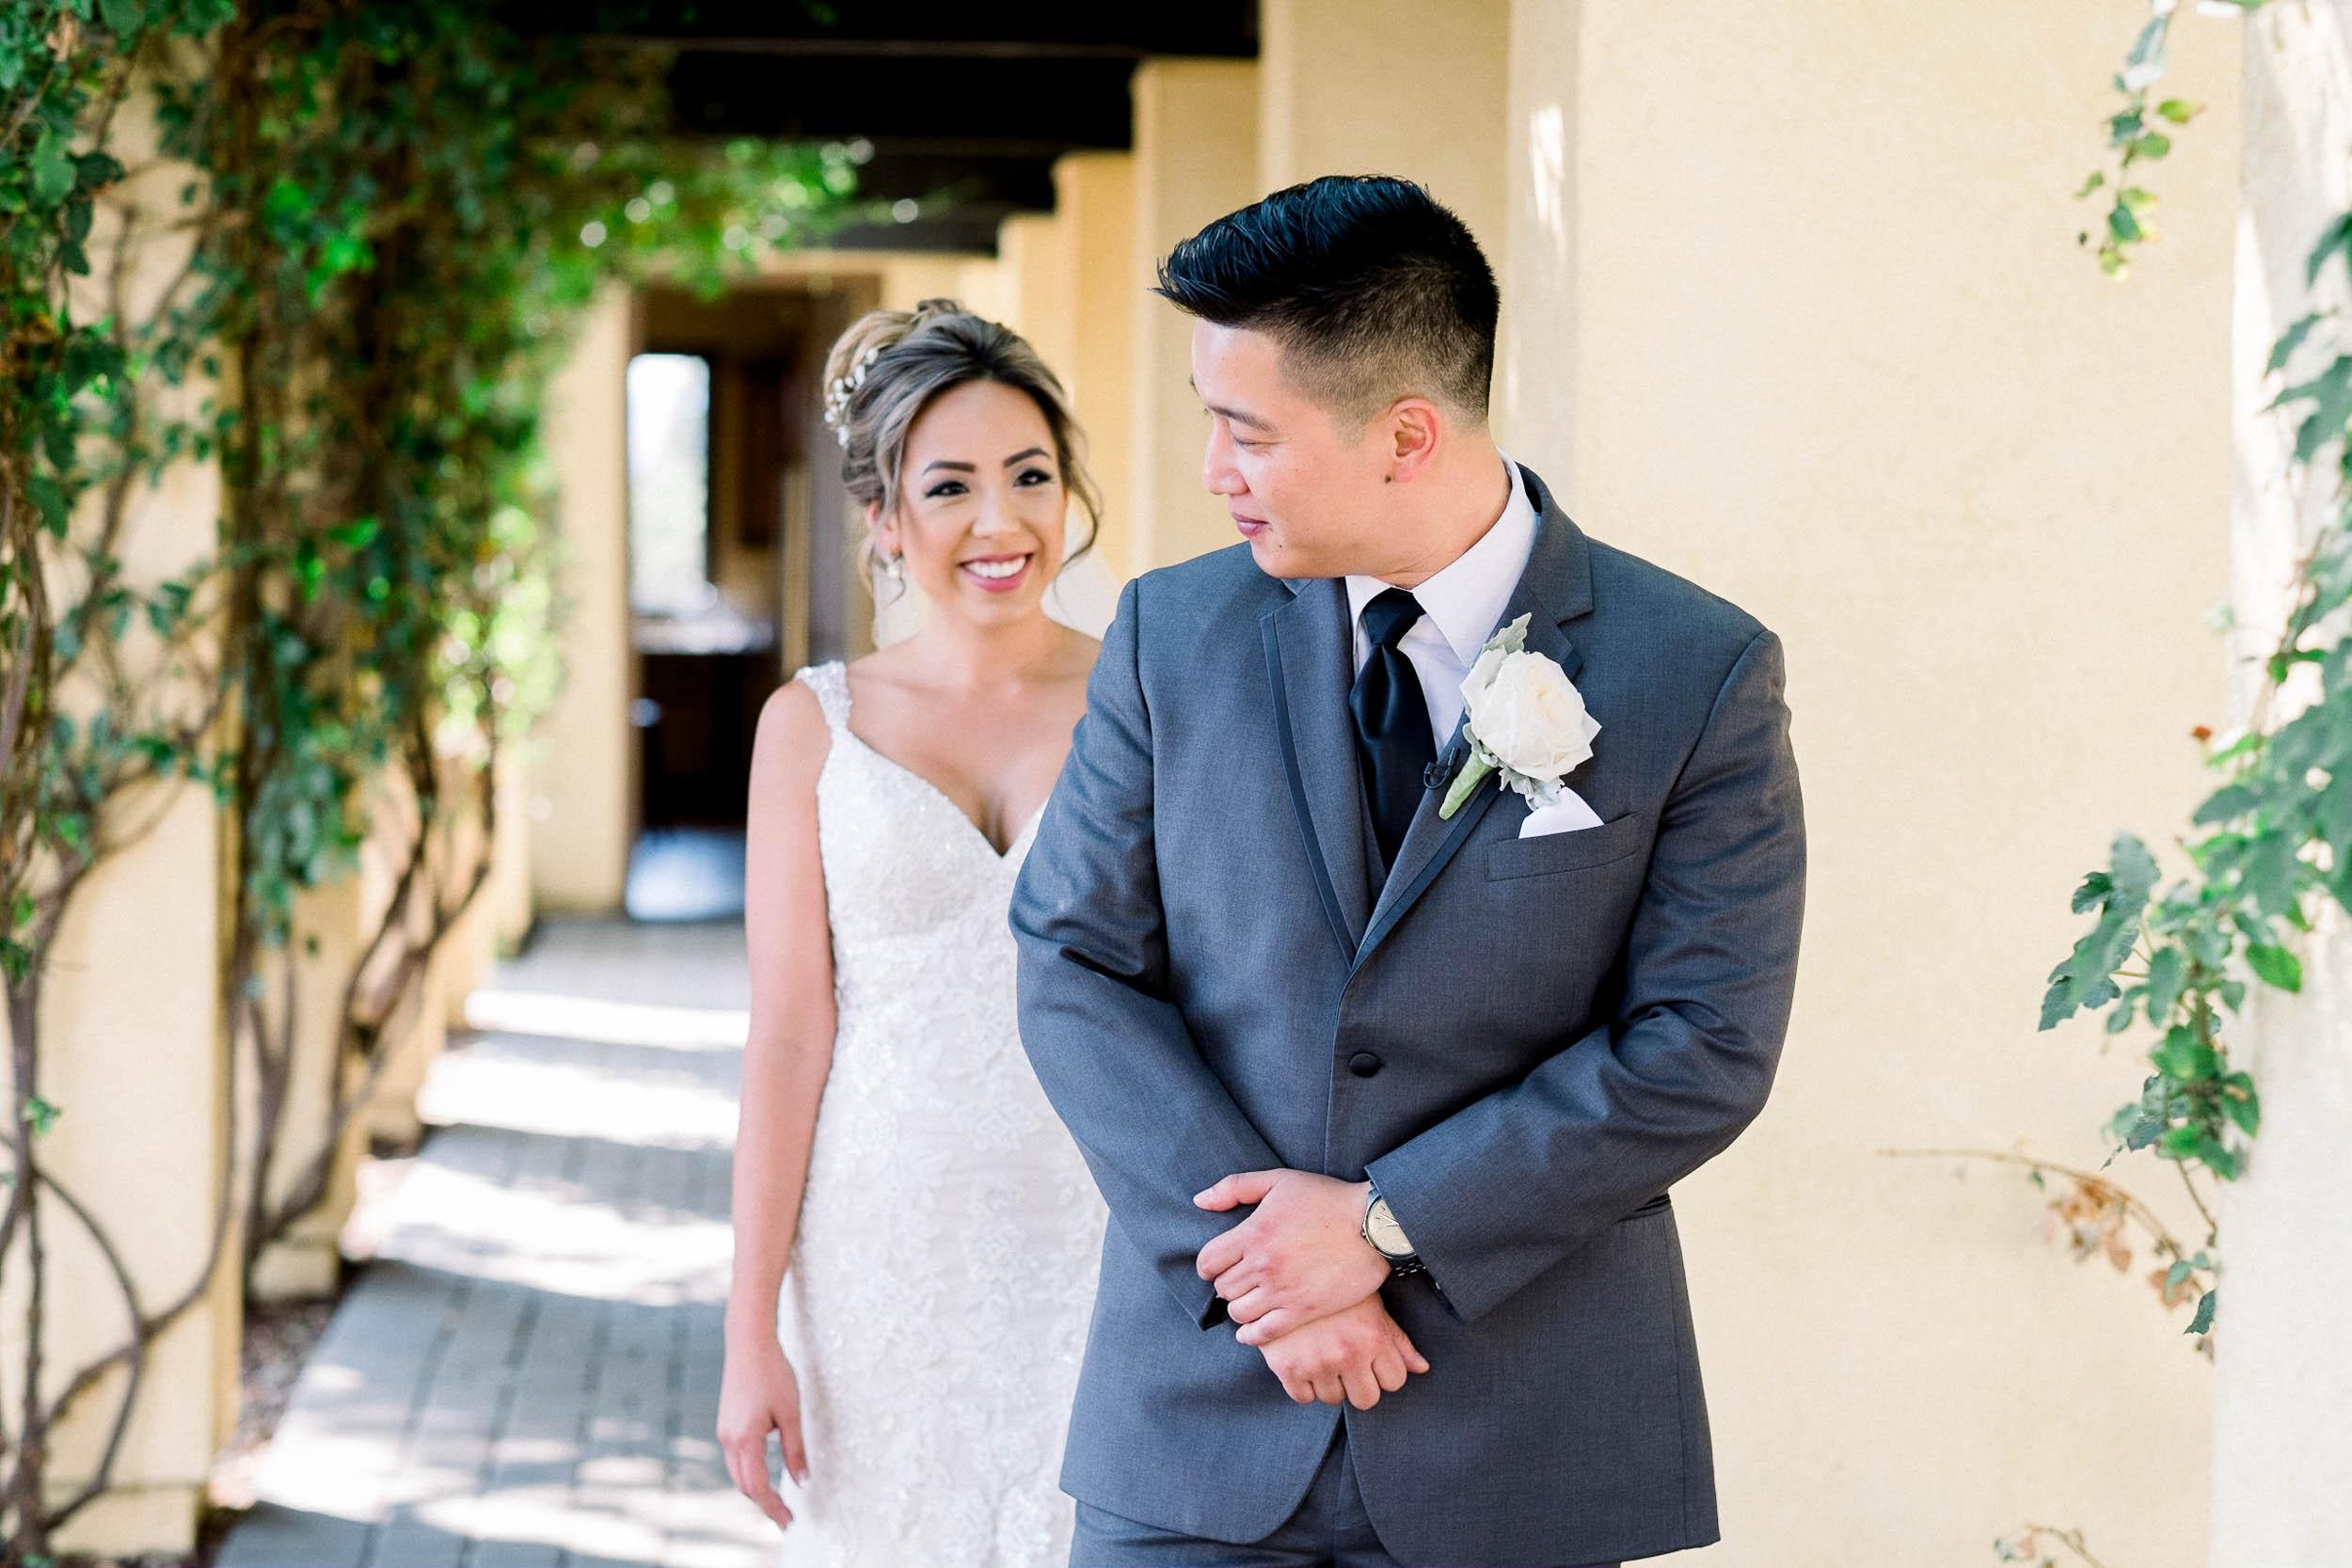 Las Positas Wedding_Buena Lane Photography_090118CY57.jpg